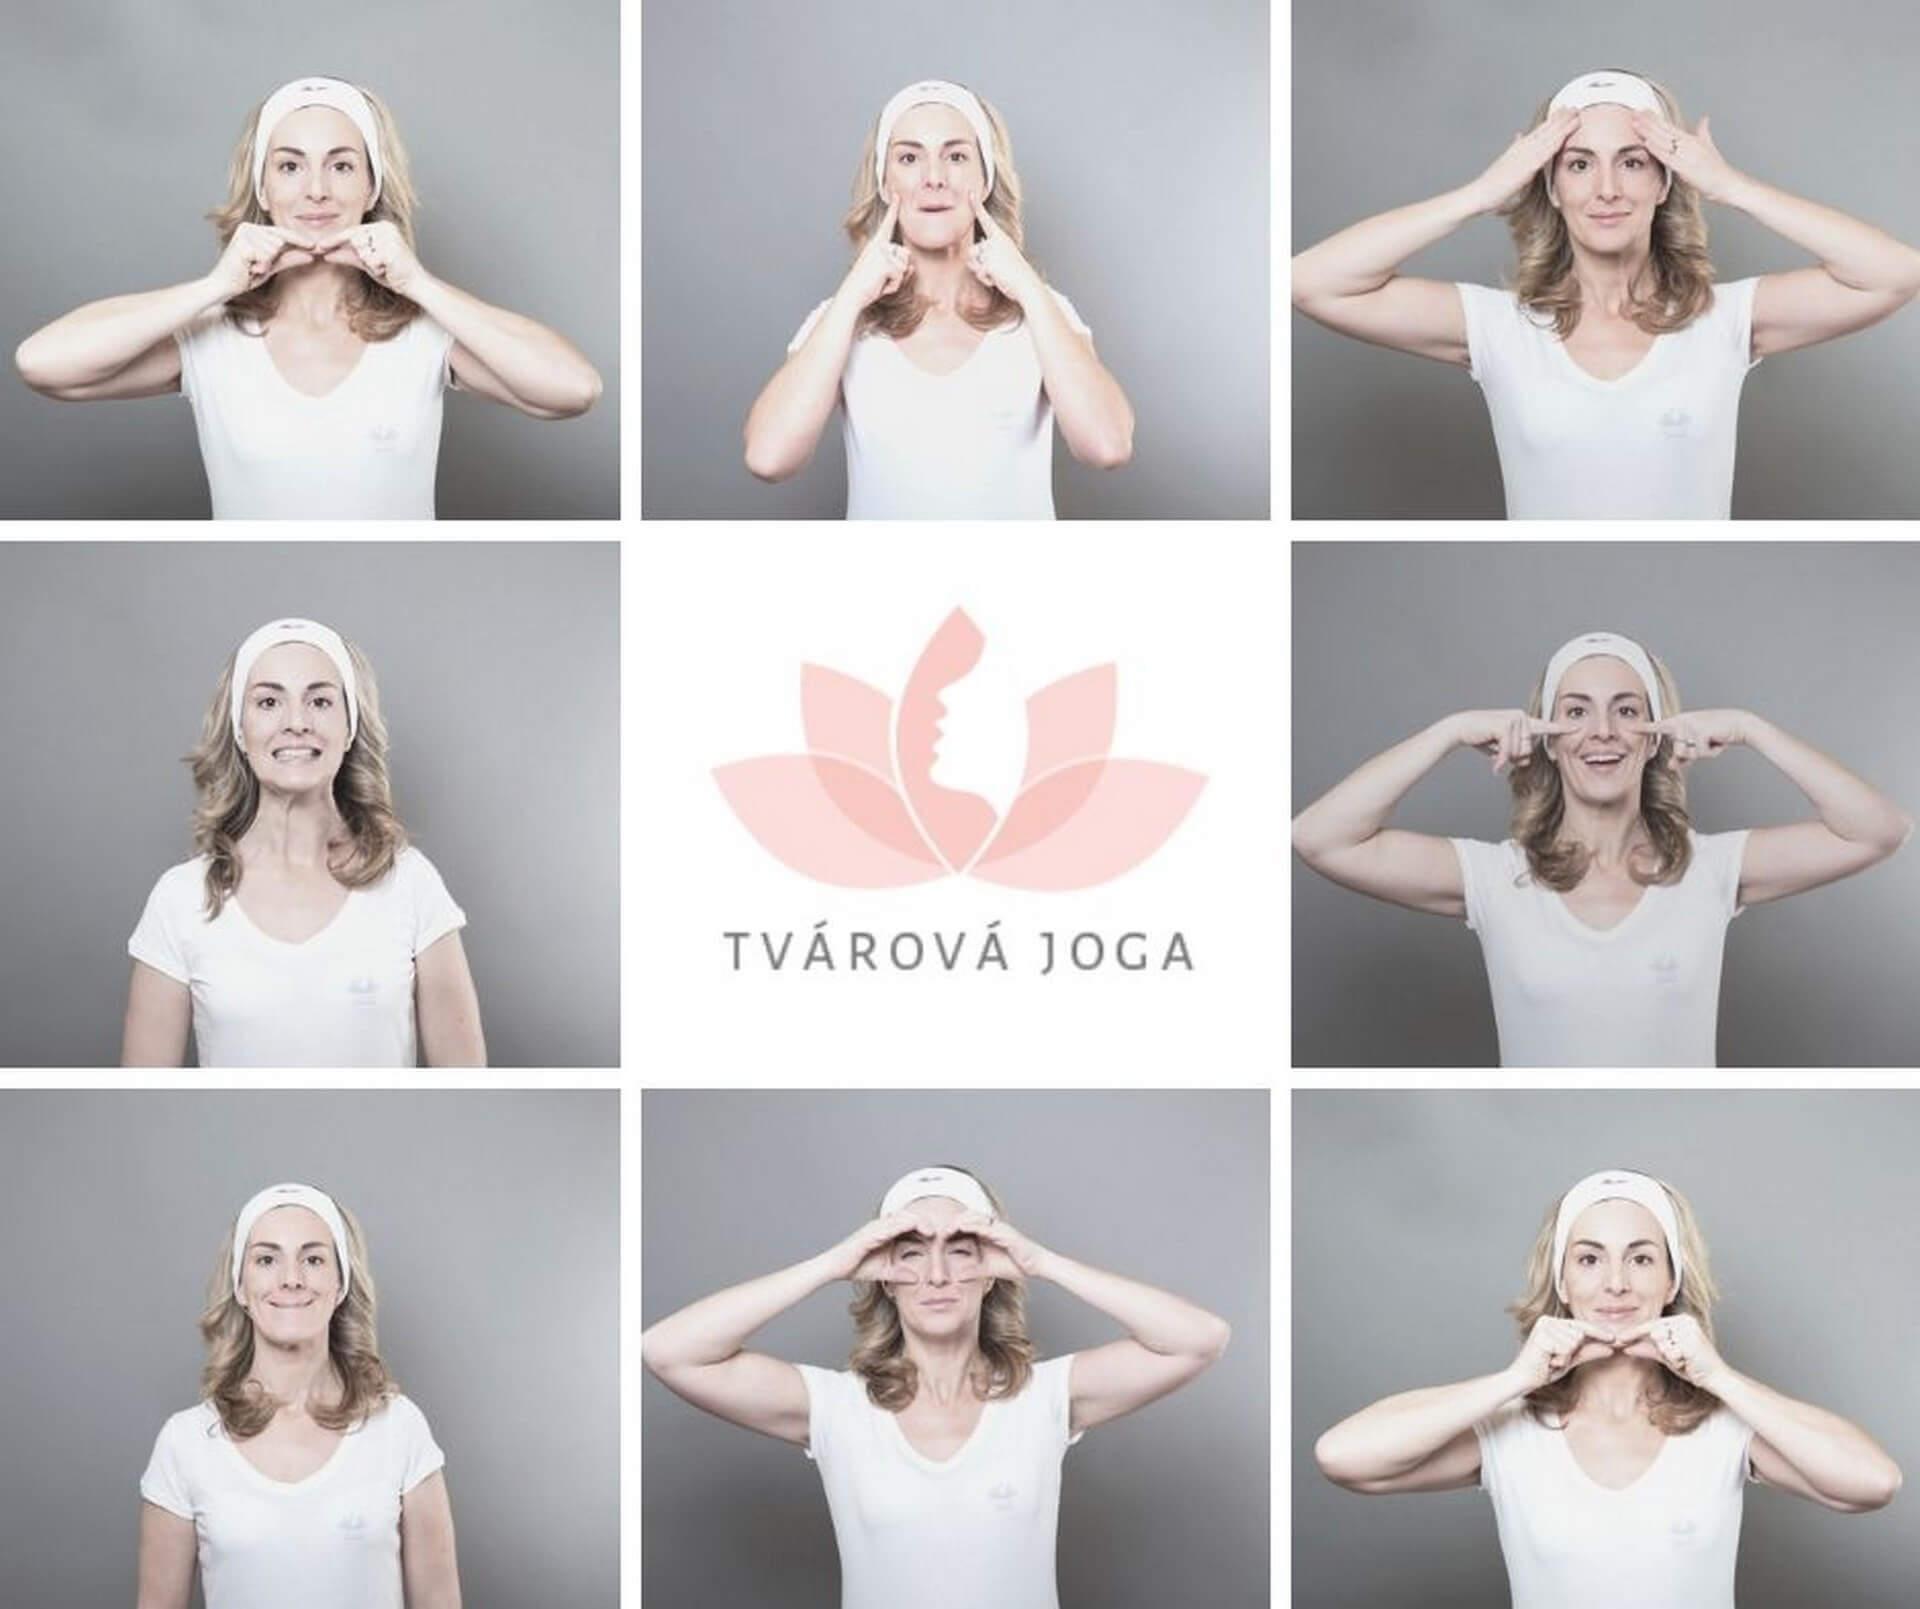 tvarova-joga-kurz